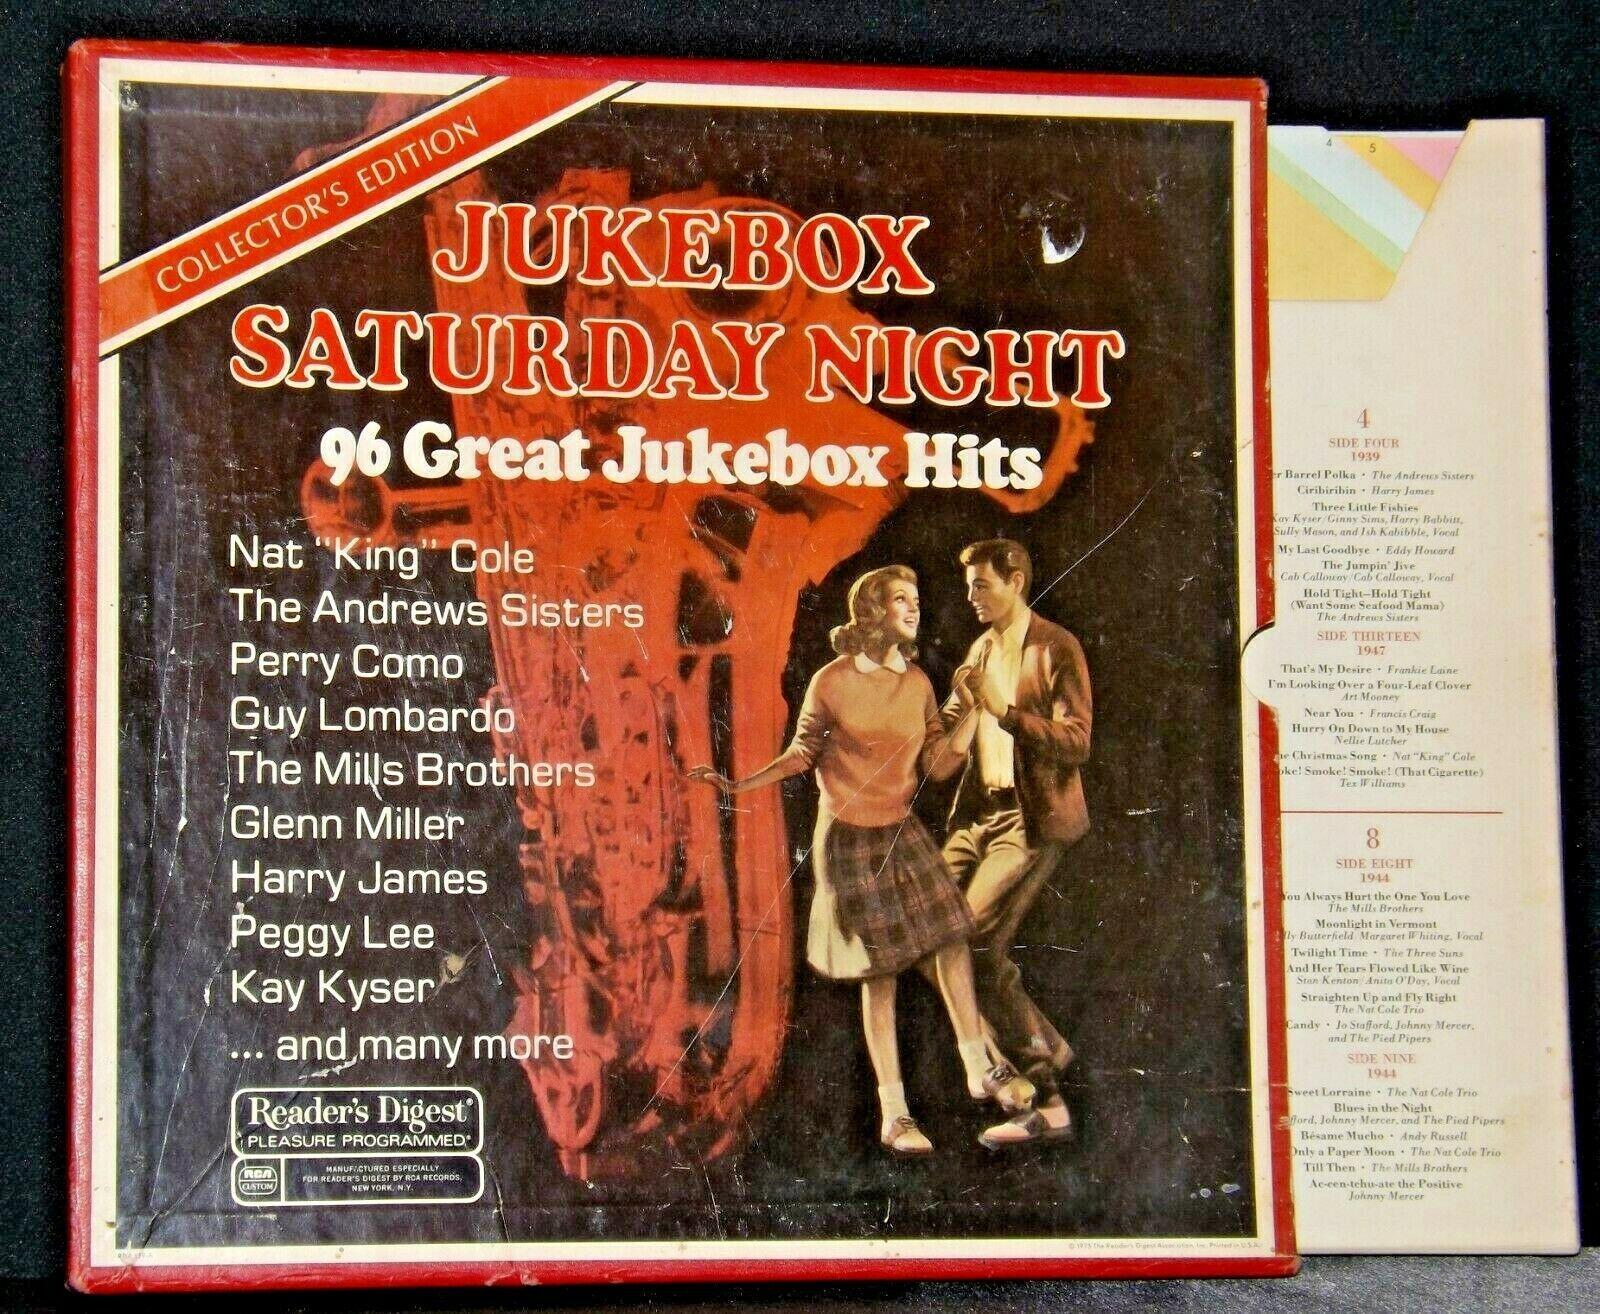 Jukebox Saturday Night Record 96 Greatest Jukebox Hits AA-191748 Vintage Colle